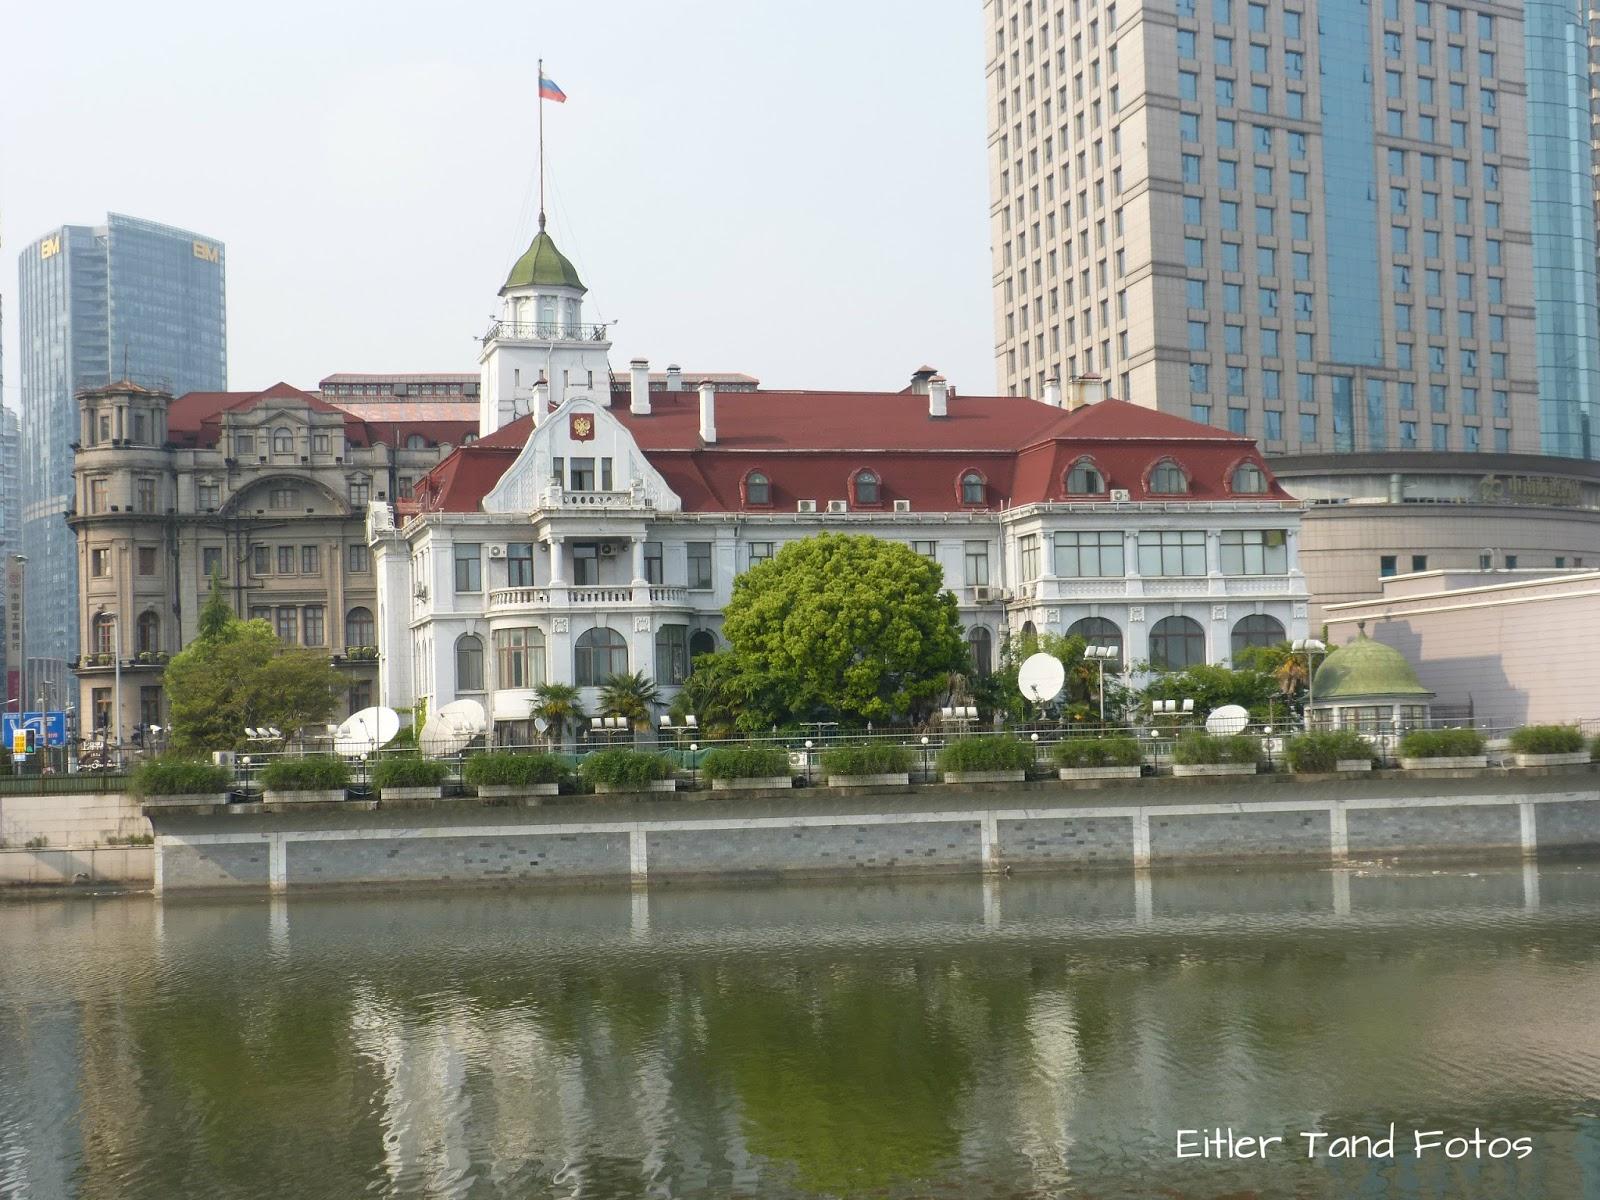 Fußboden In Englisch ~ Eitler tand: shanghai china für anfänger mit vorkenntnissen